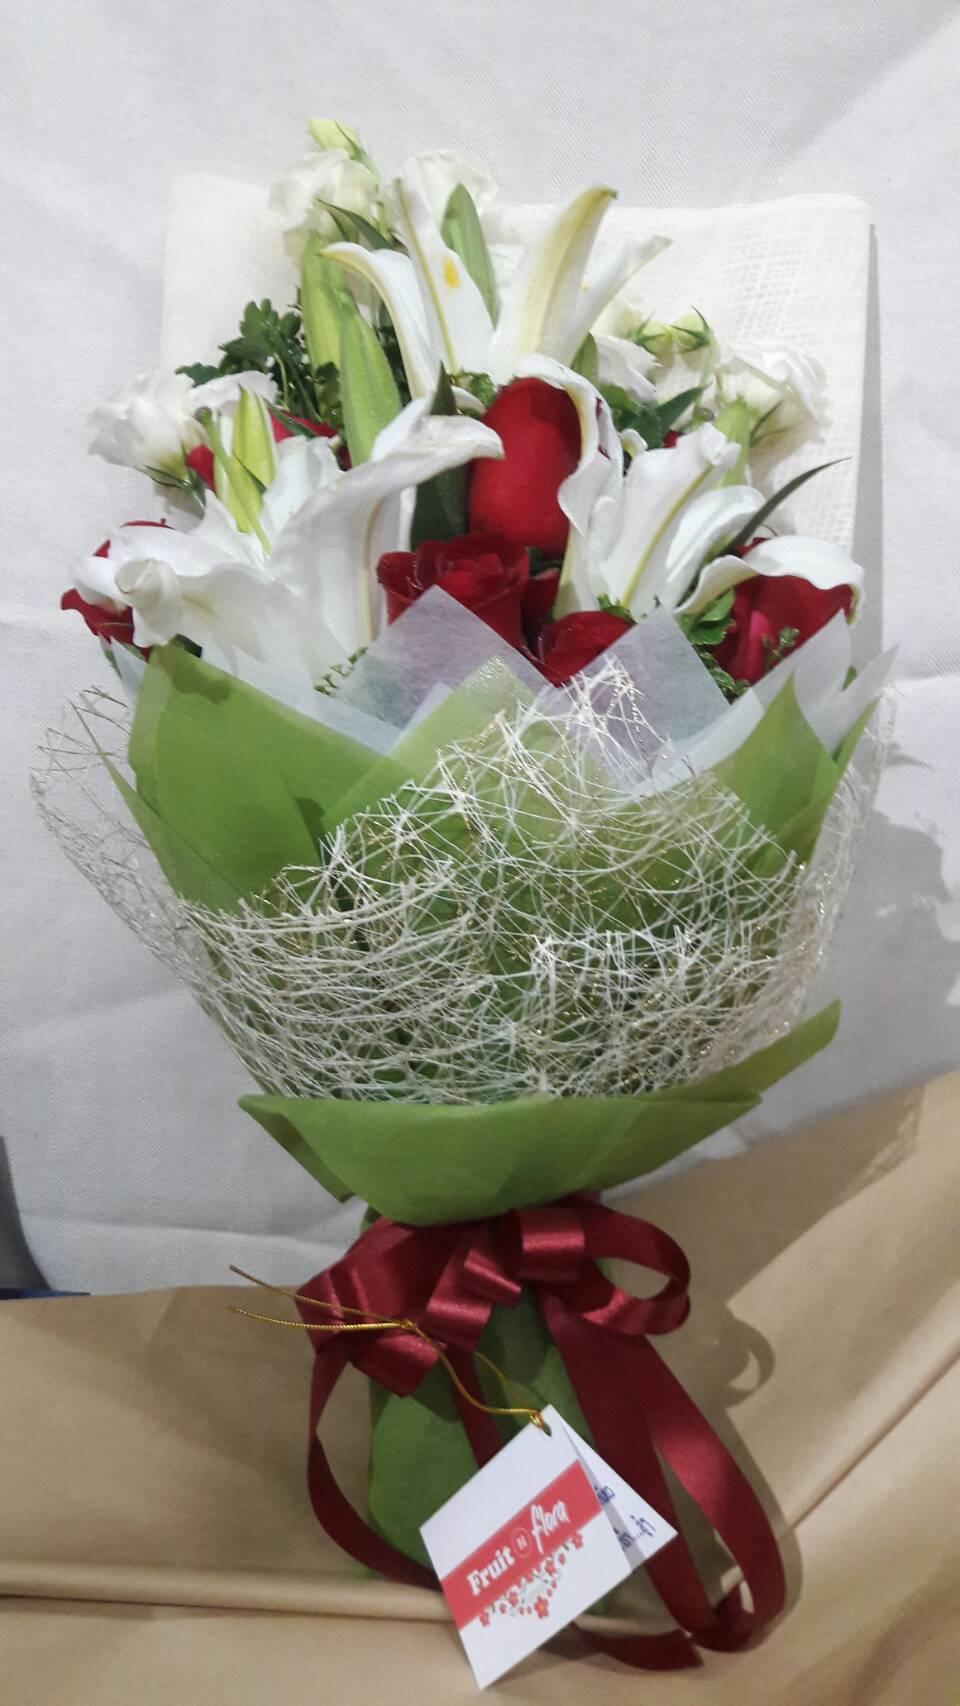 ช่อดอกไม้แทนความรู้สึกดี ๆ ดีไซน์สวย ทันสมัย และไม่ซ้ำแบบใคร